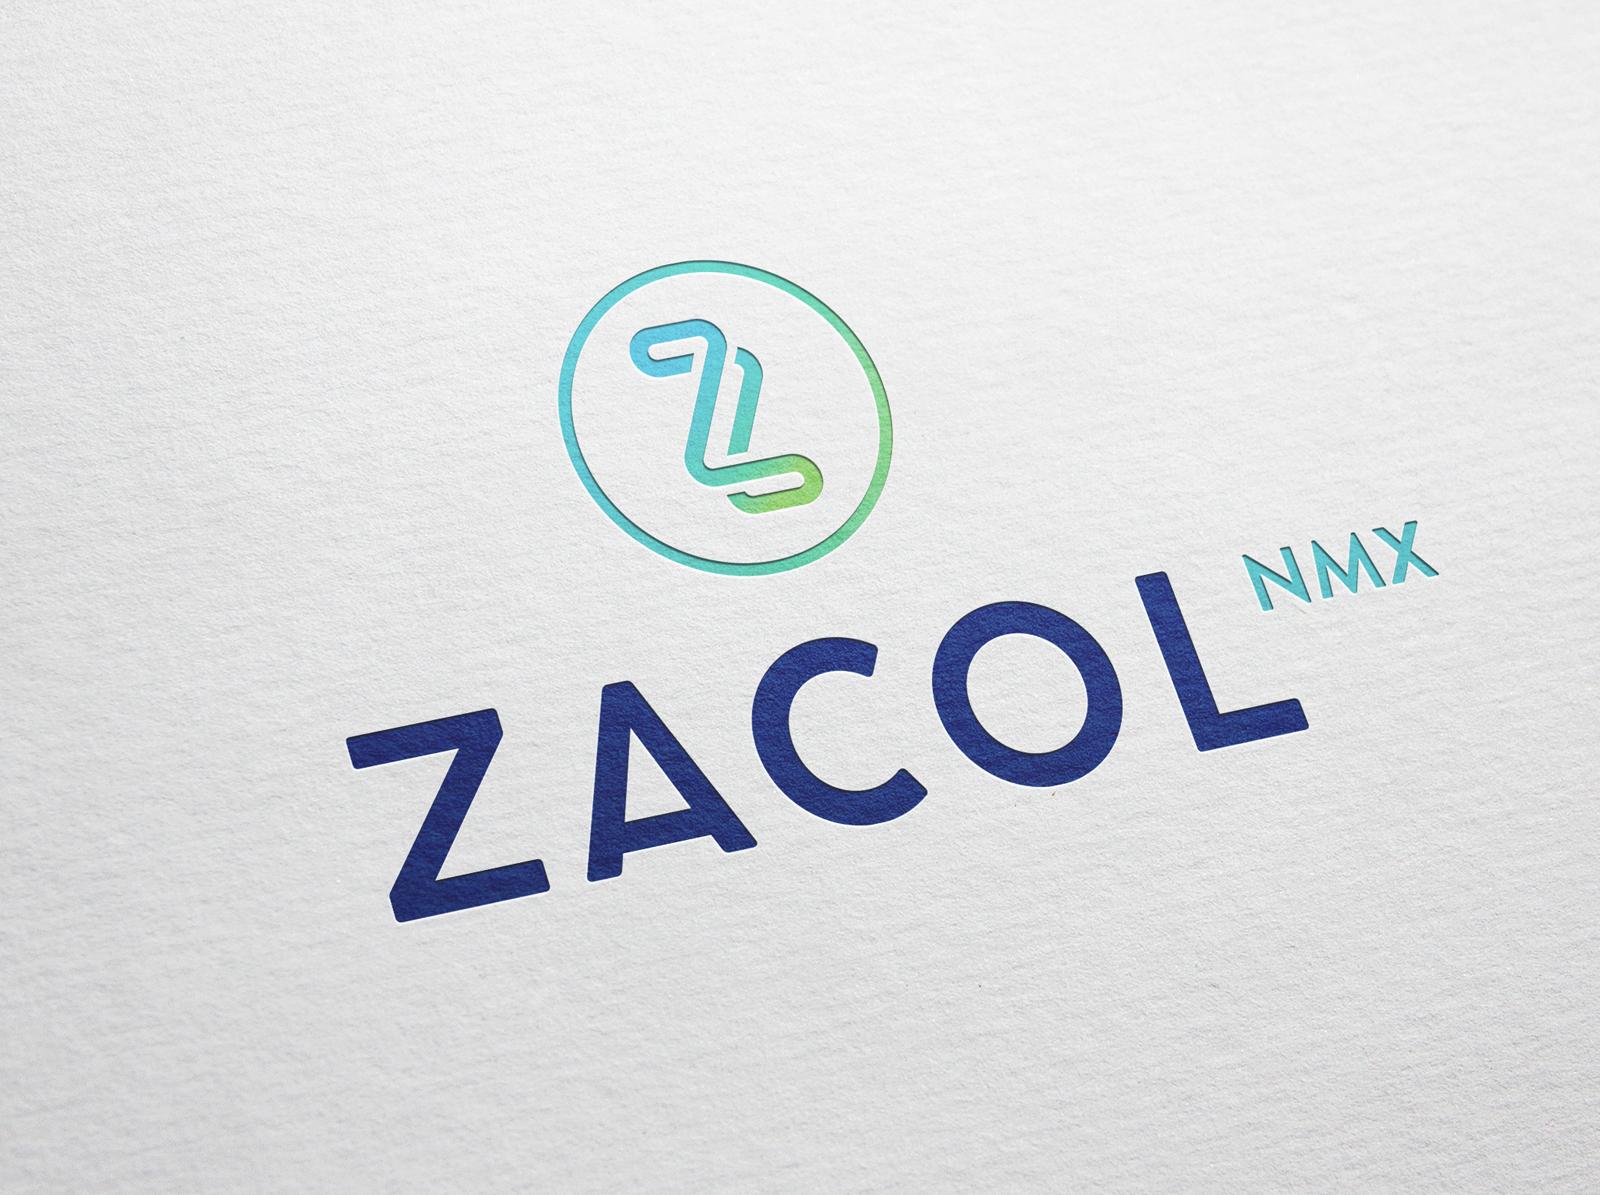 zacol_logo.jpg